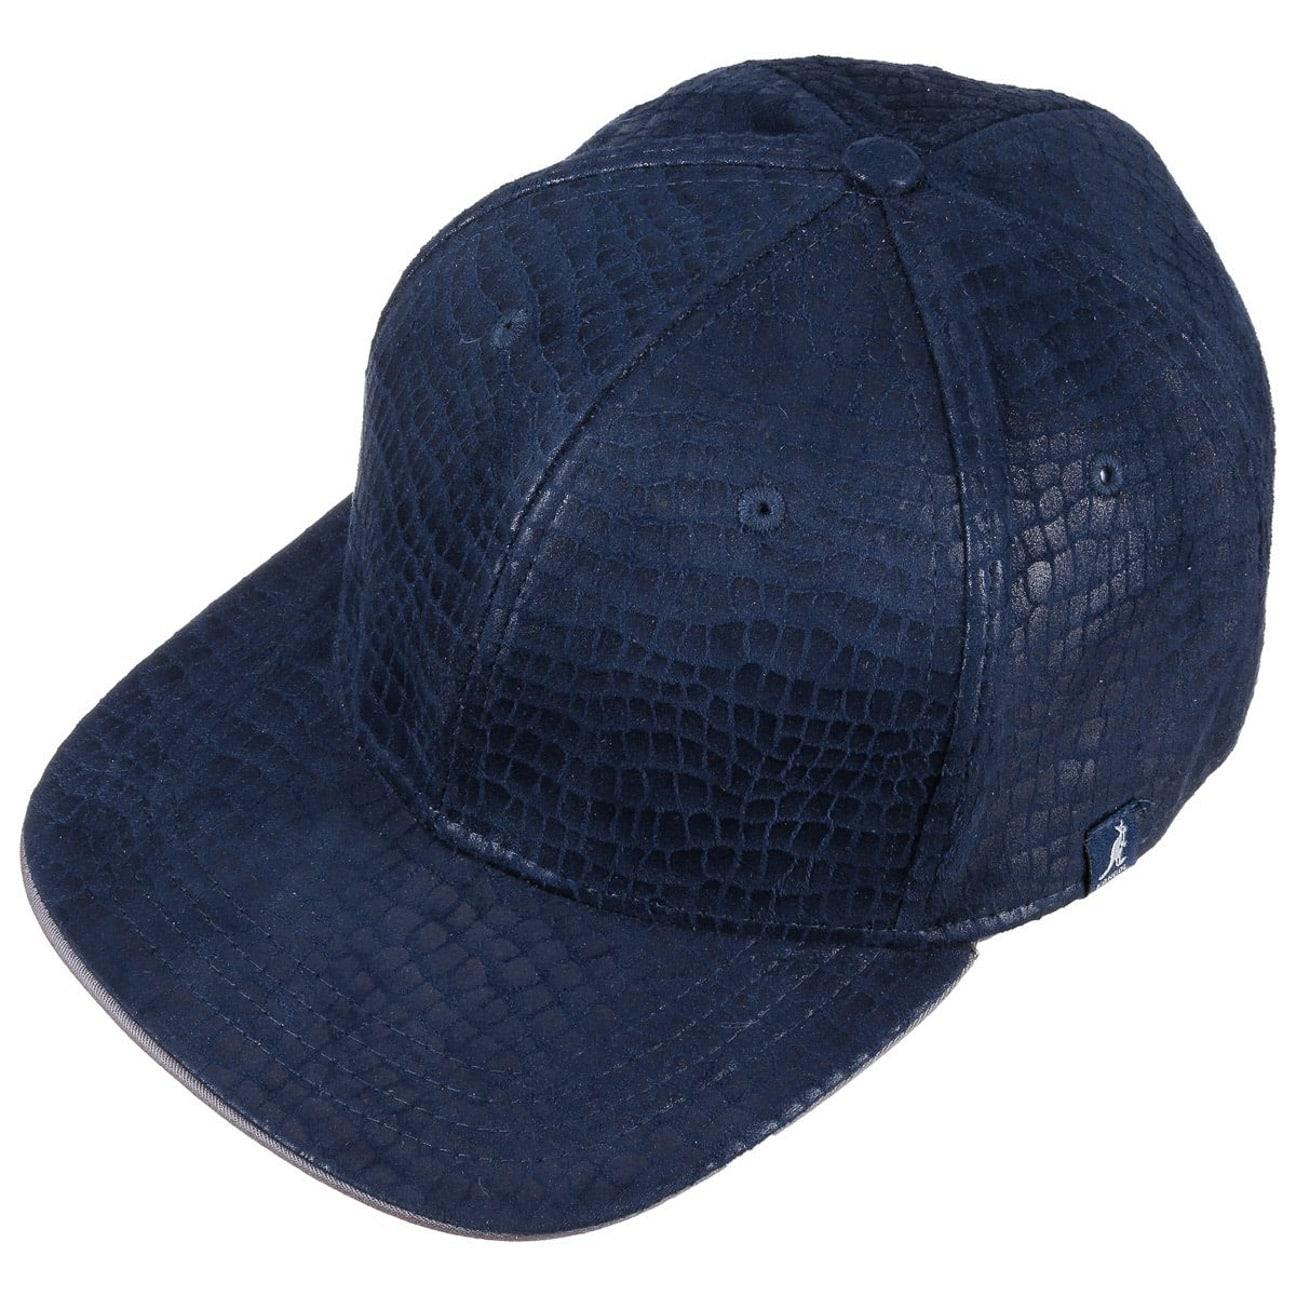 fff561a25d7 Amur Links Baseball Cap by Kangol - blue 2 ...